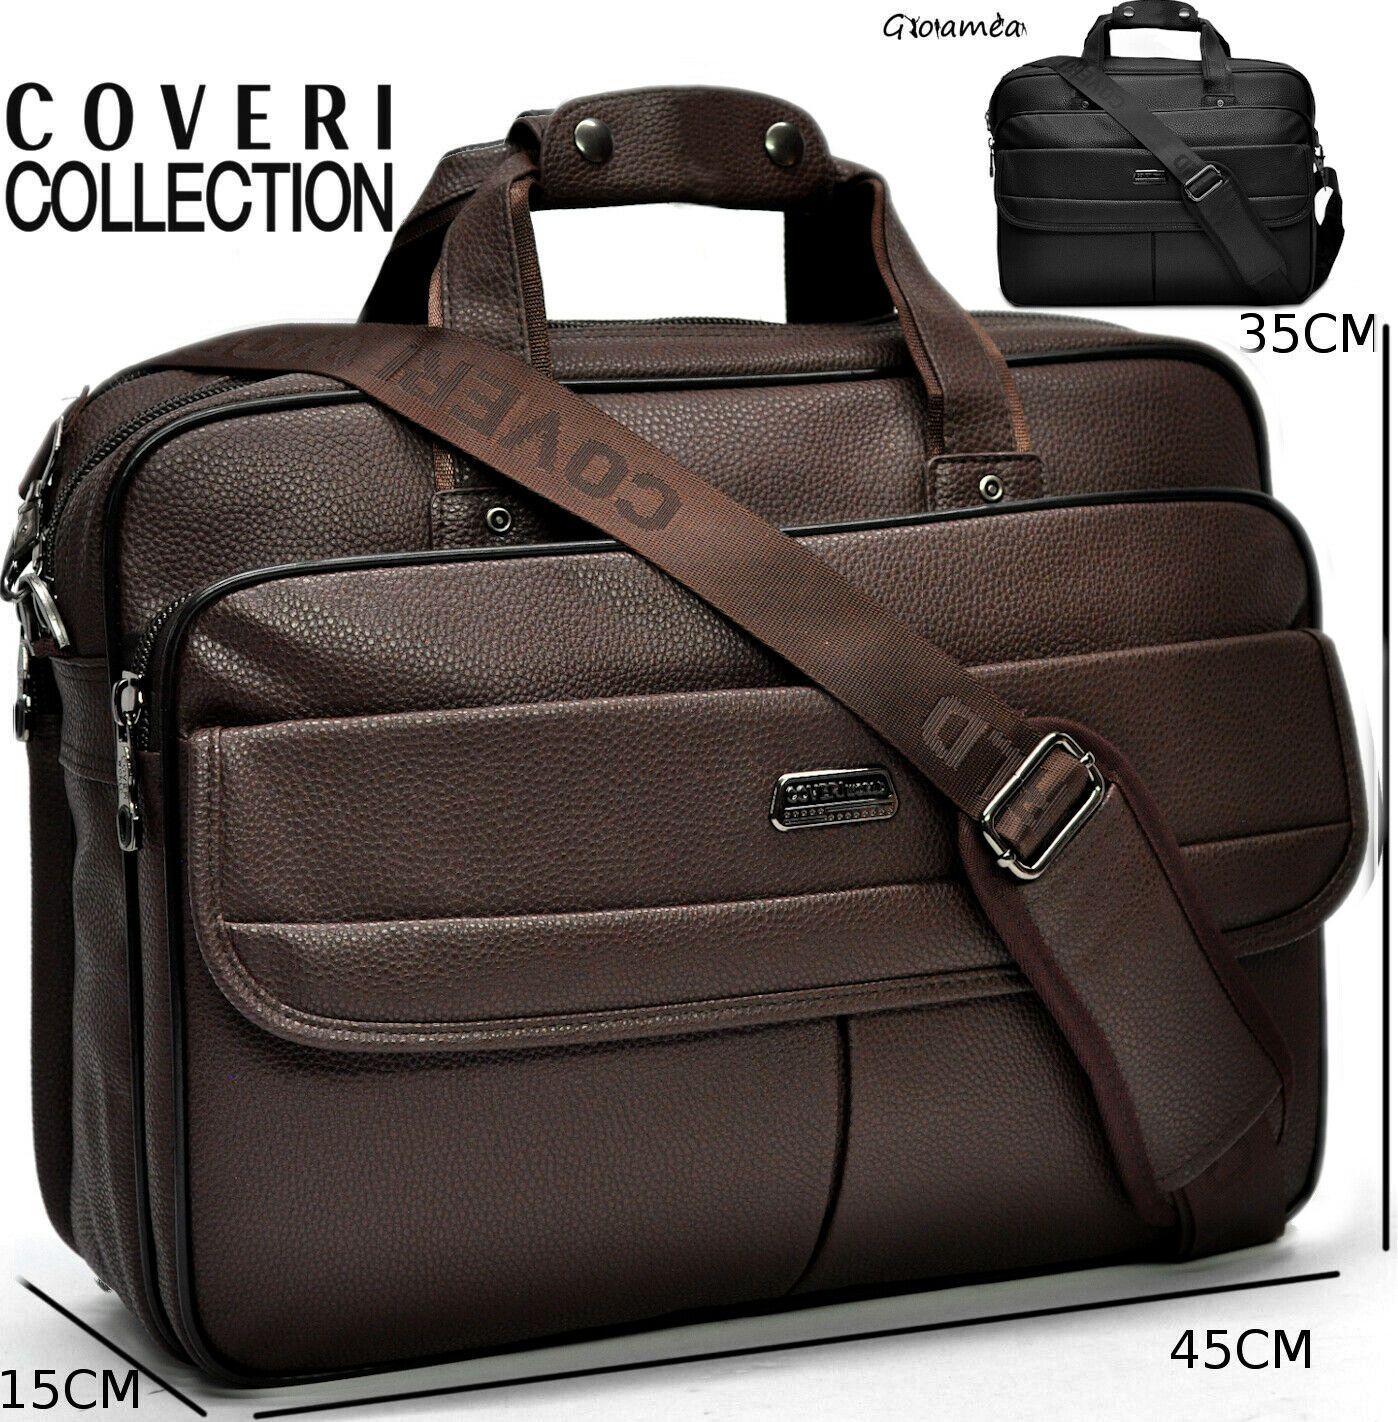 COVERI sac homme en cuir bureau sac à bandoulière pc dossier porte-document ipad original fabriqué en italie élégant